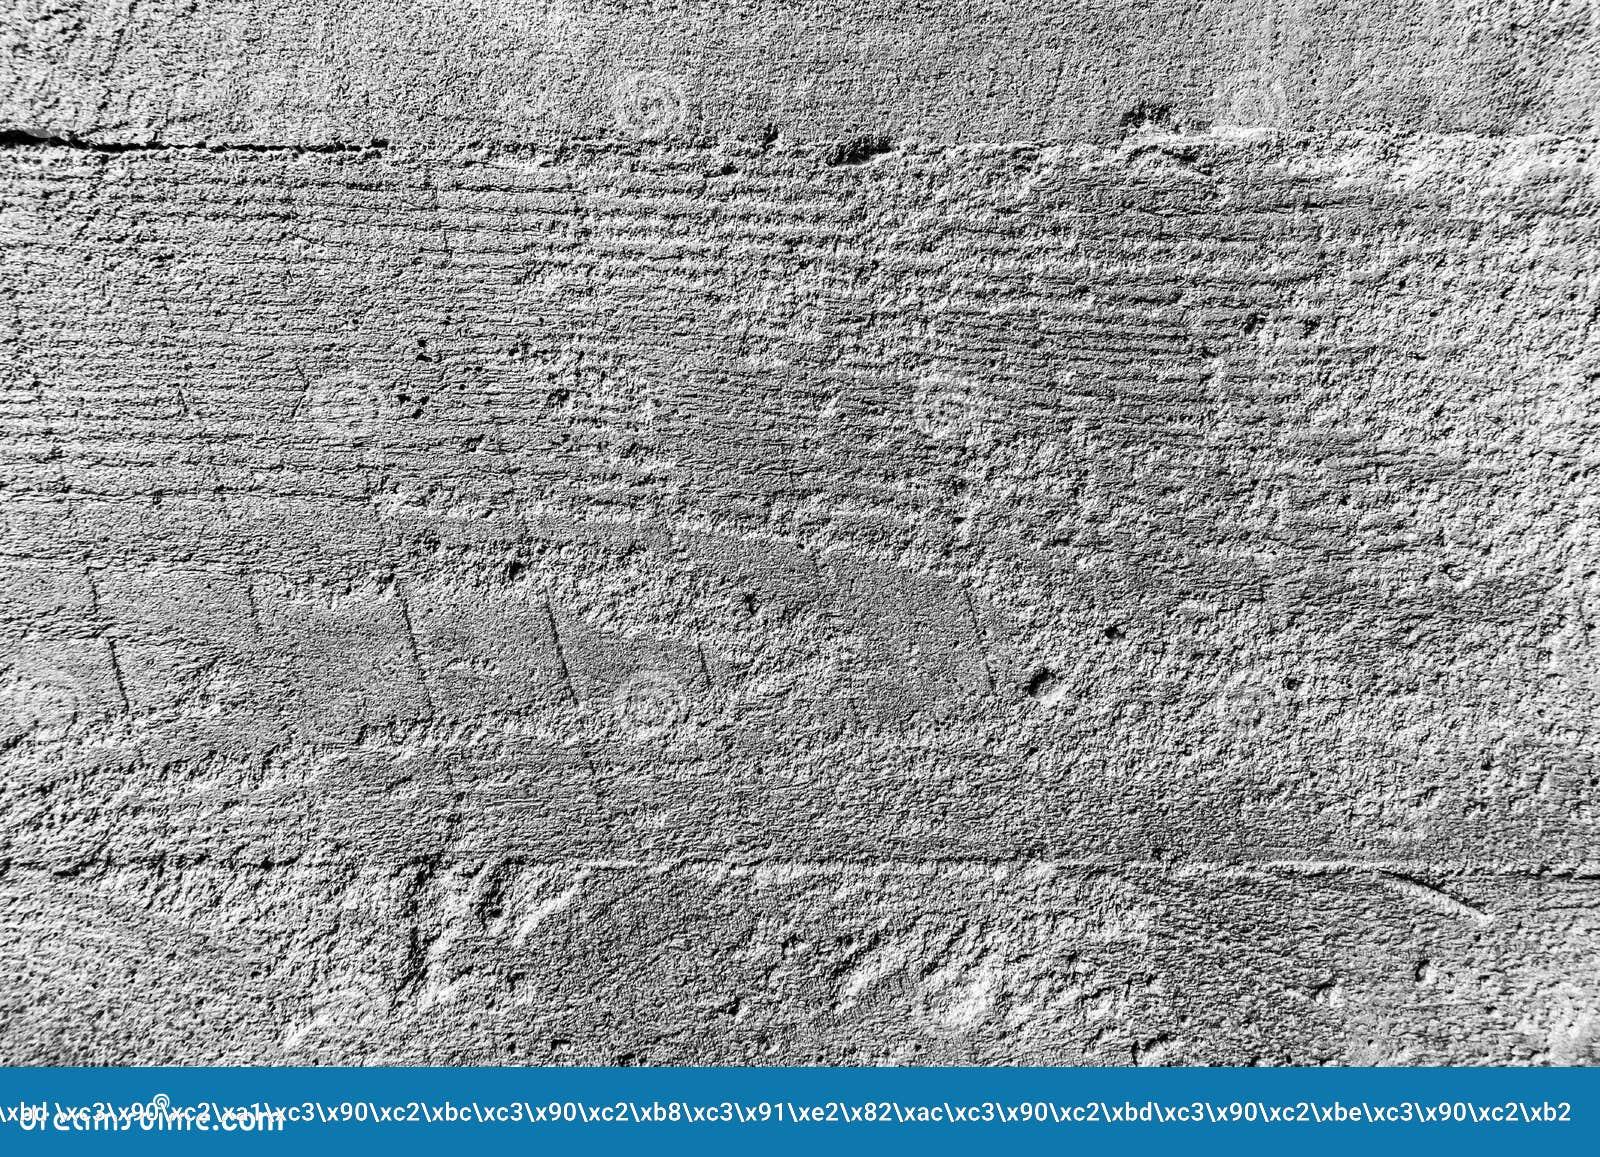 与灰色条纹的白色砖墙纹理背景